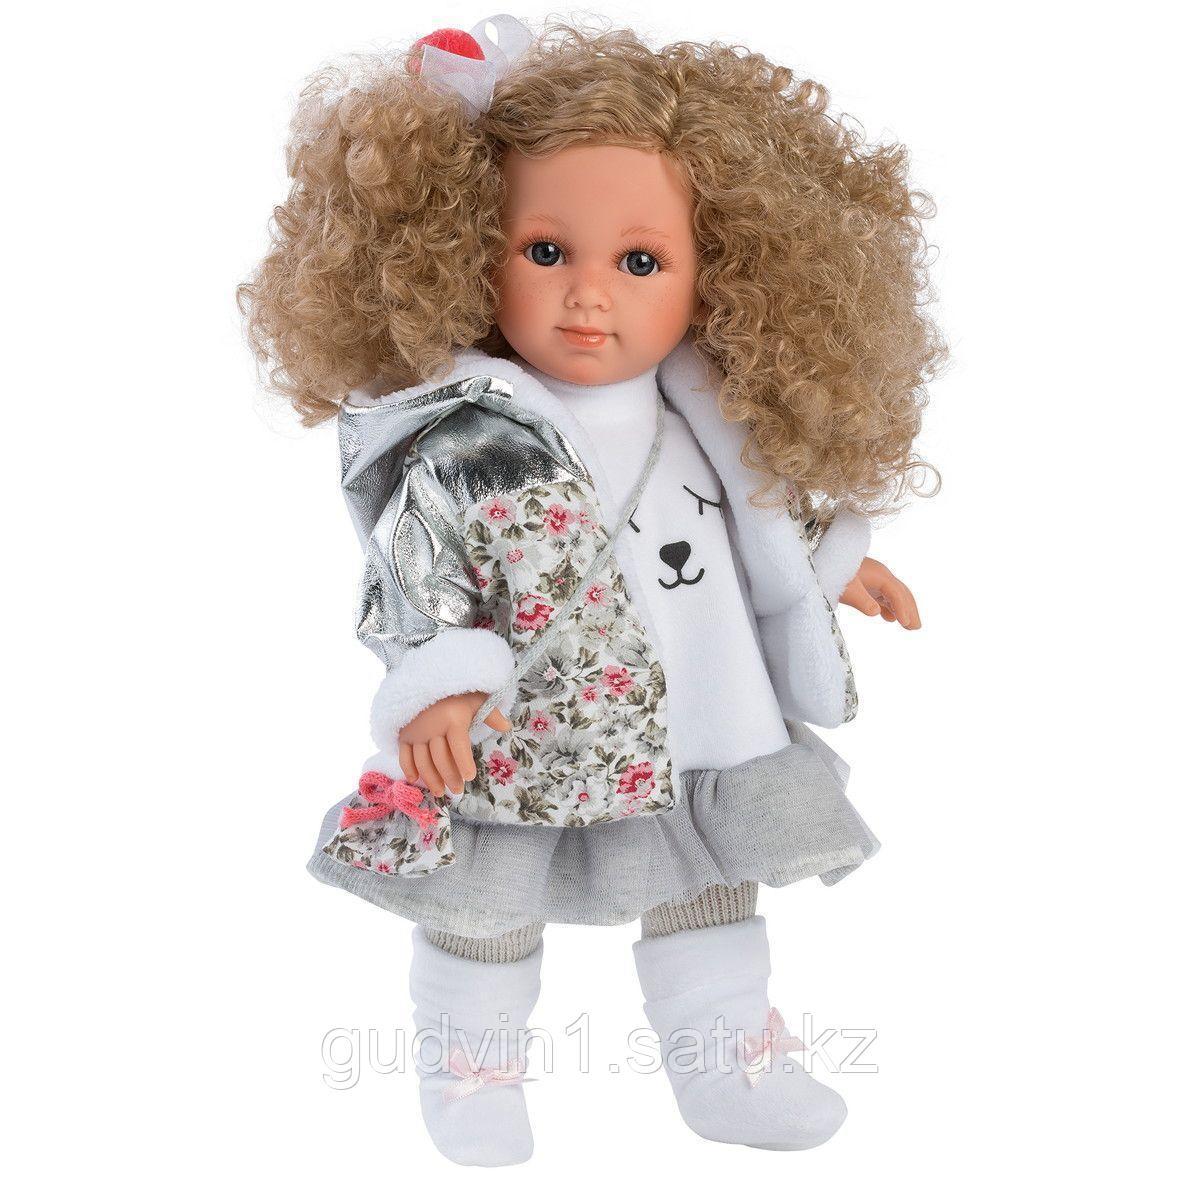 LLORENS: Кукла Елена 35см, блондинка с кудрявыми волосами 1102608